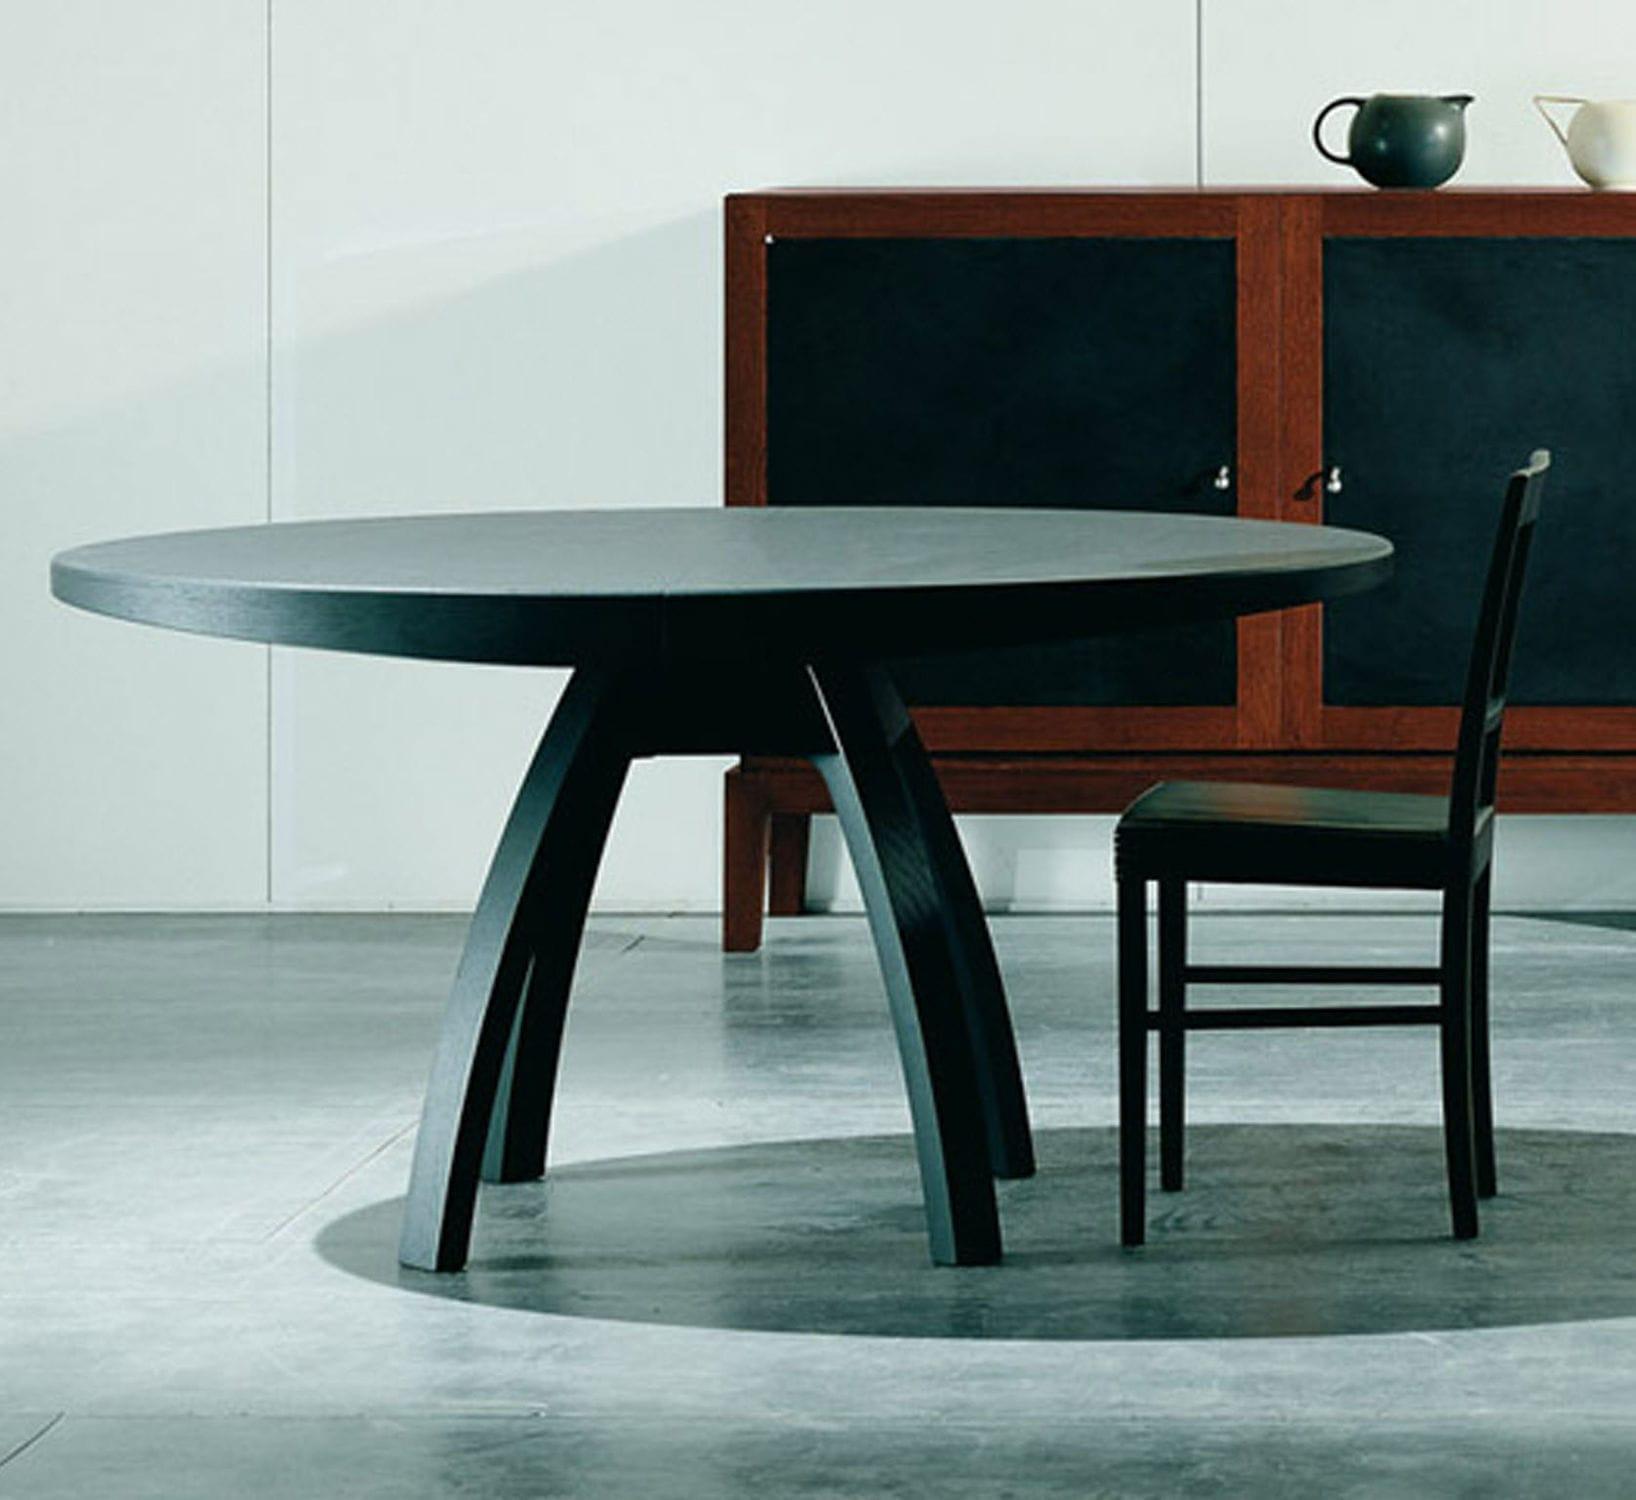 BRAMANTE TAVOLO, Triangolo , Enrico Tonucci | owo online design store